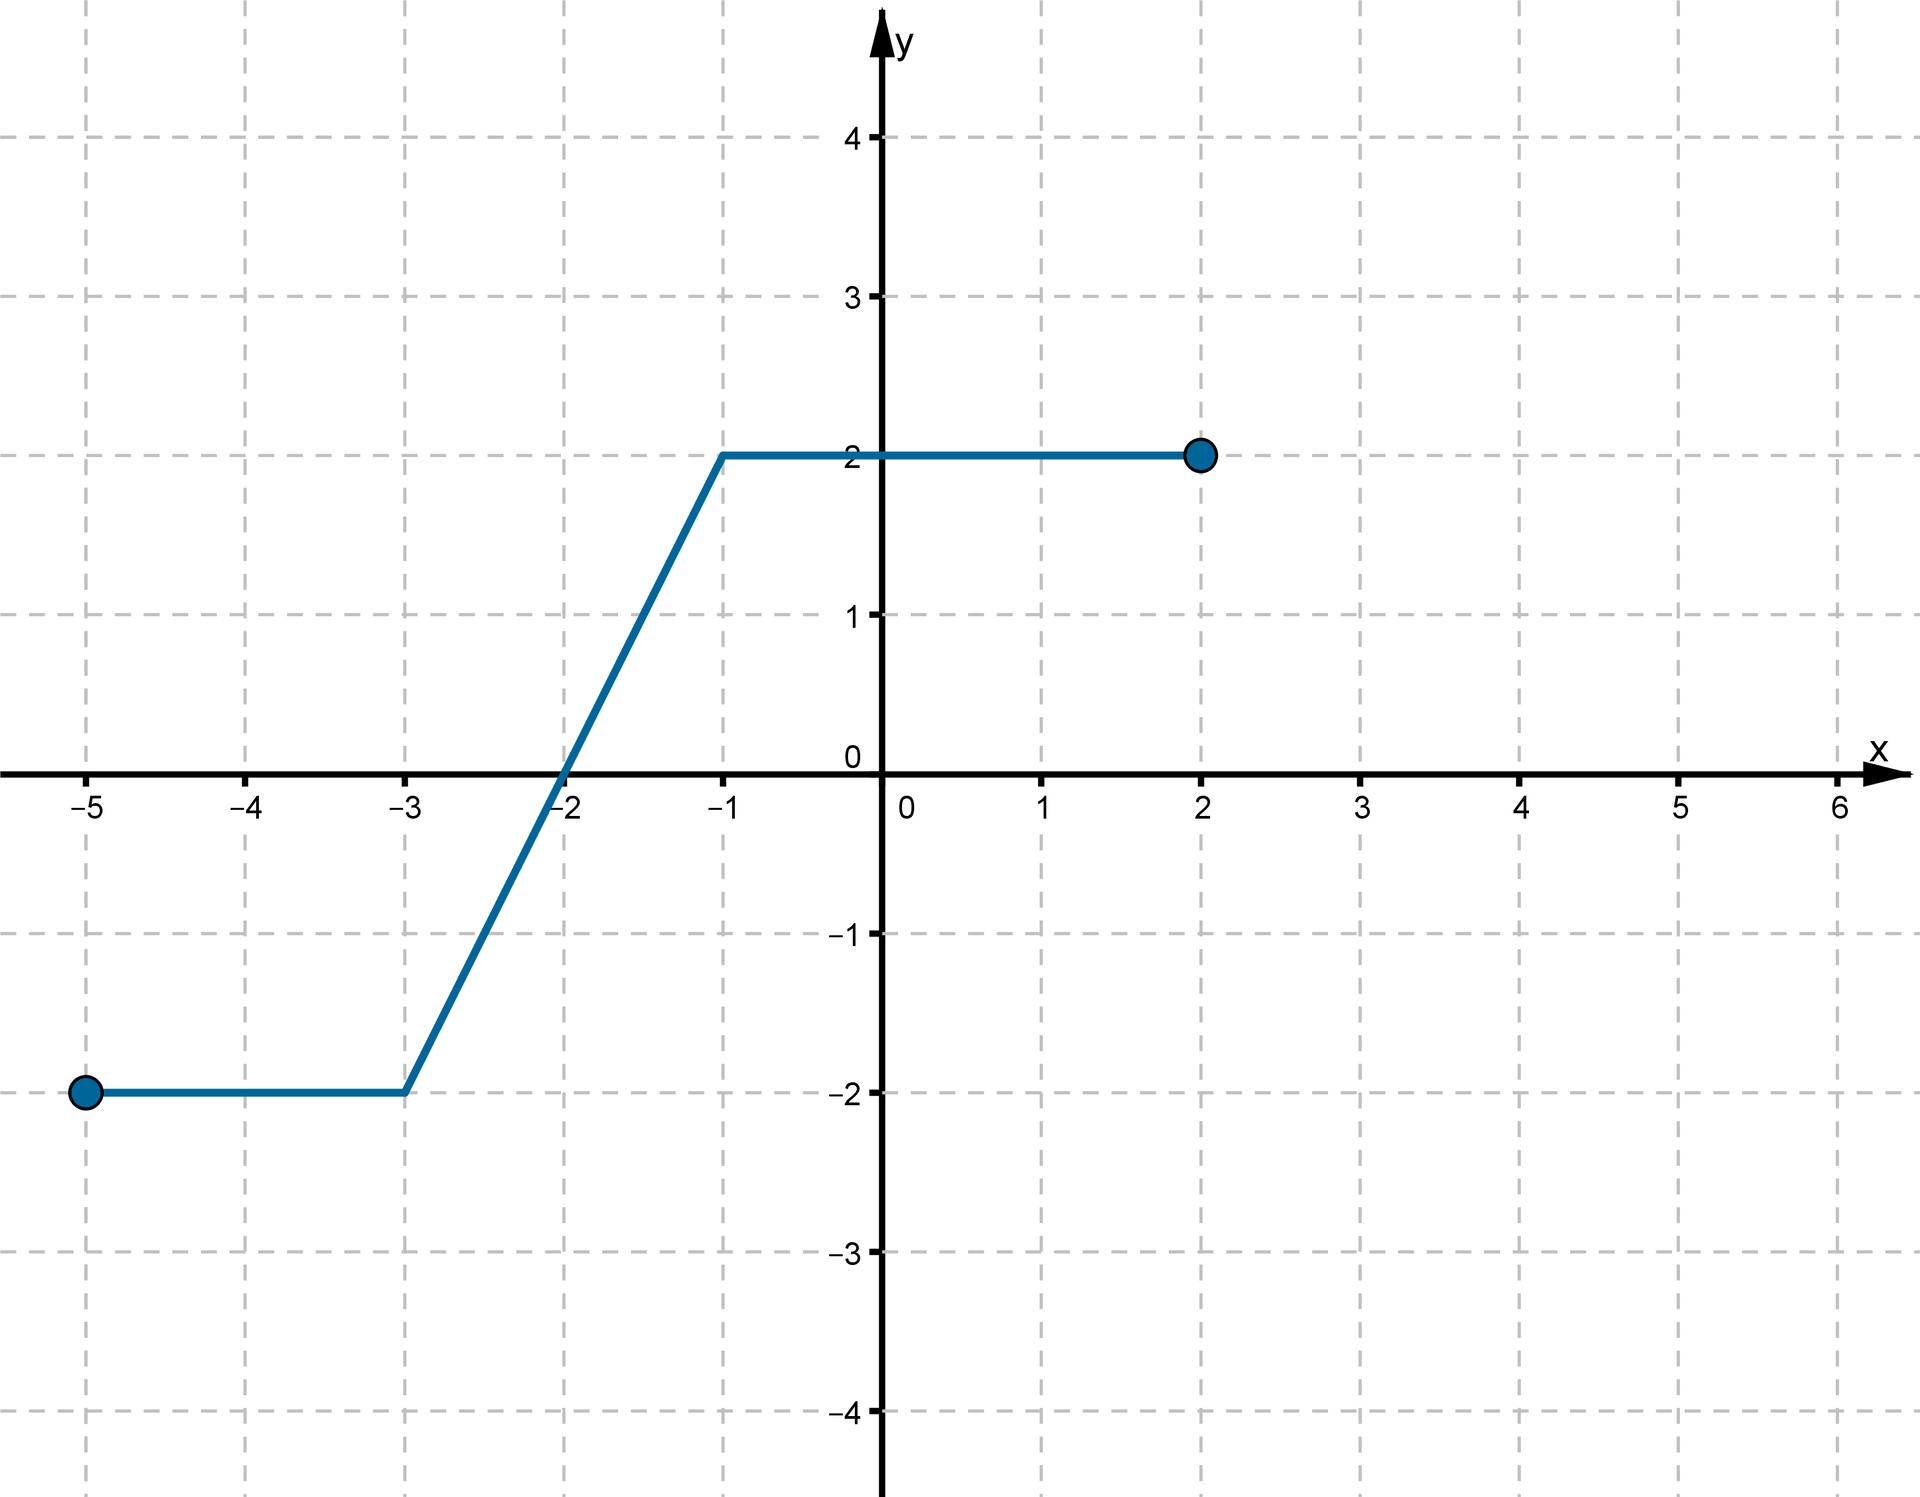 Wykres otrzymany wwyniku przesunięcia funkcji fo2 jednostki wlewo wzdłuż osi OX jest rozwiązaniem zadania podpunkt d. Do wykresu należą punkty owspółrzędnych (-5, -2), (-3, -2), (-2, 0), (-1, 2), (2, 2).